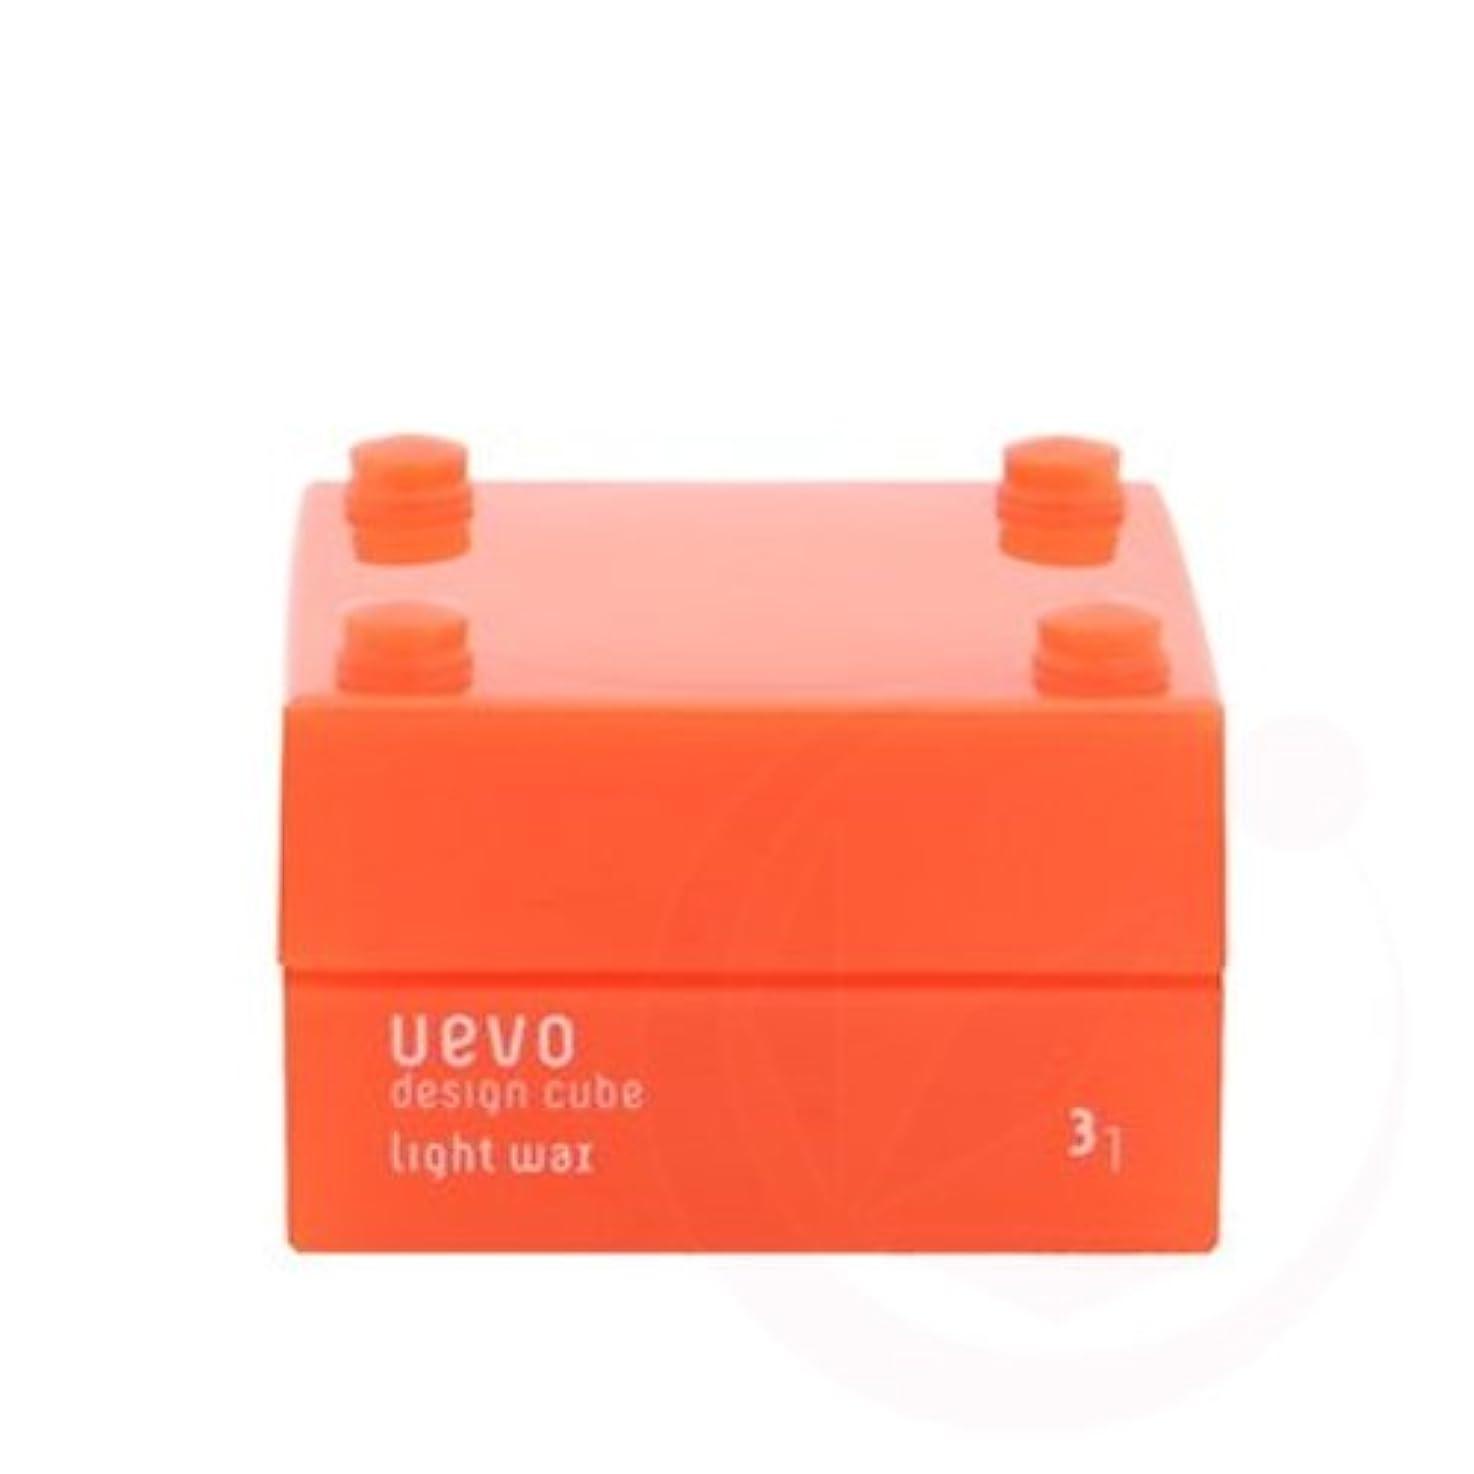 連帯提供する切手【デミコスメティクス】ウェーボ デザインキューブ ライトワックス 30g